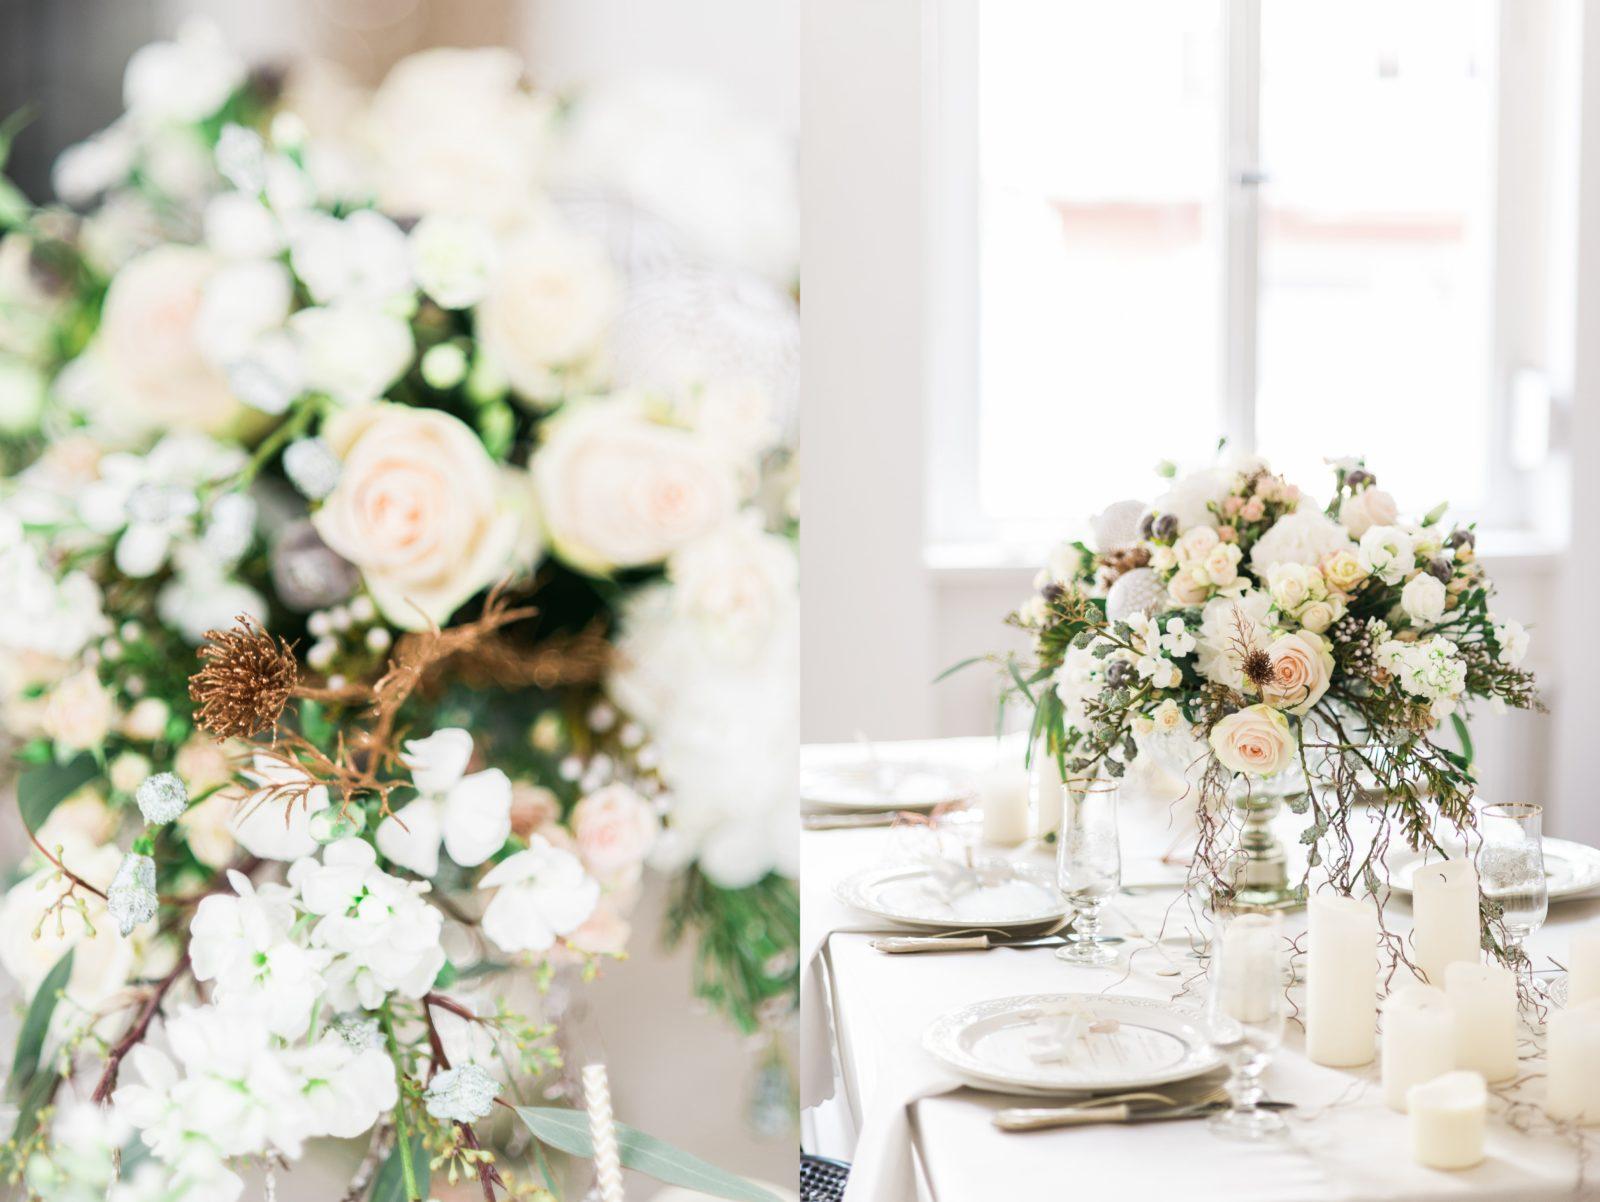 Glamouröse Hochzeit im Winter mit edler Hochzeitstorte – Backlinse